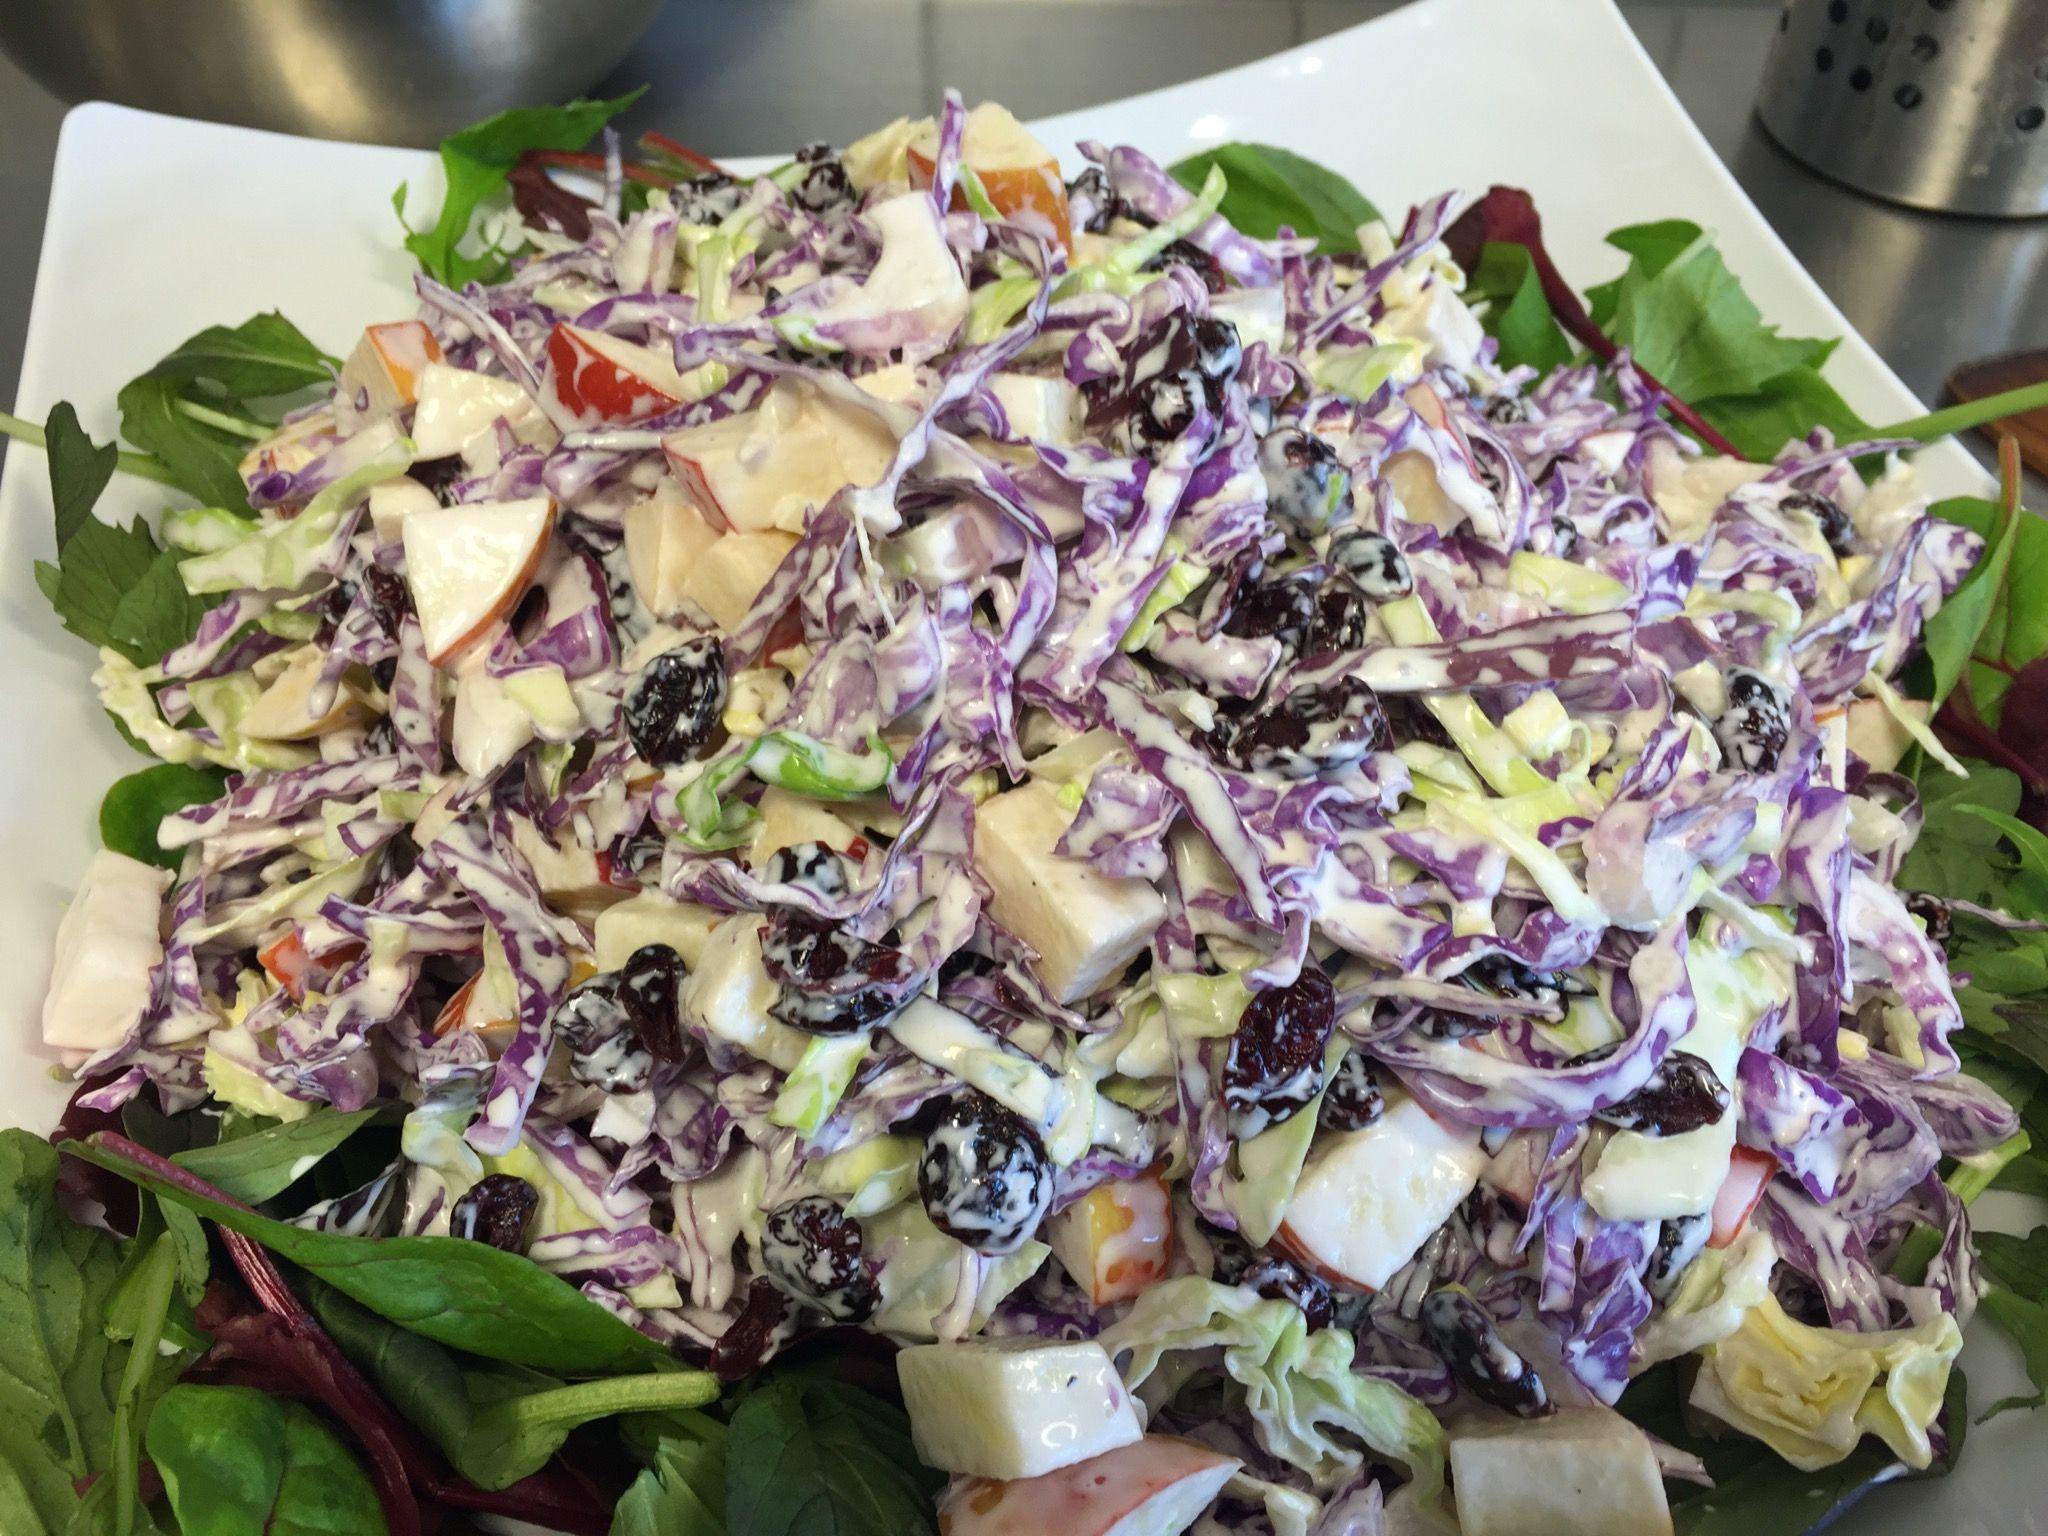 En Dejlig Spicy Salat Med Tofarvet Spidskål Spis Den Som Tilbehør